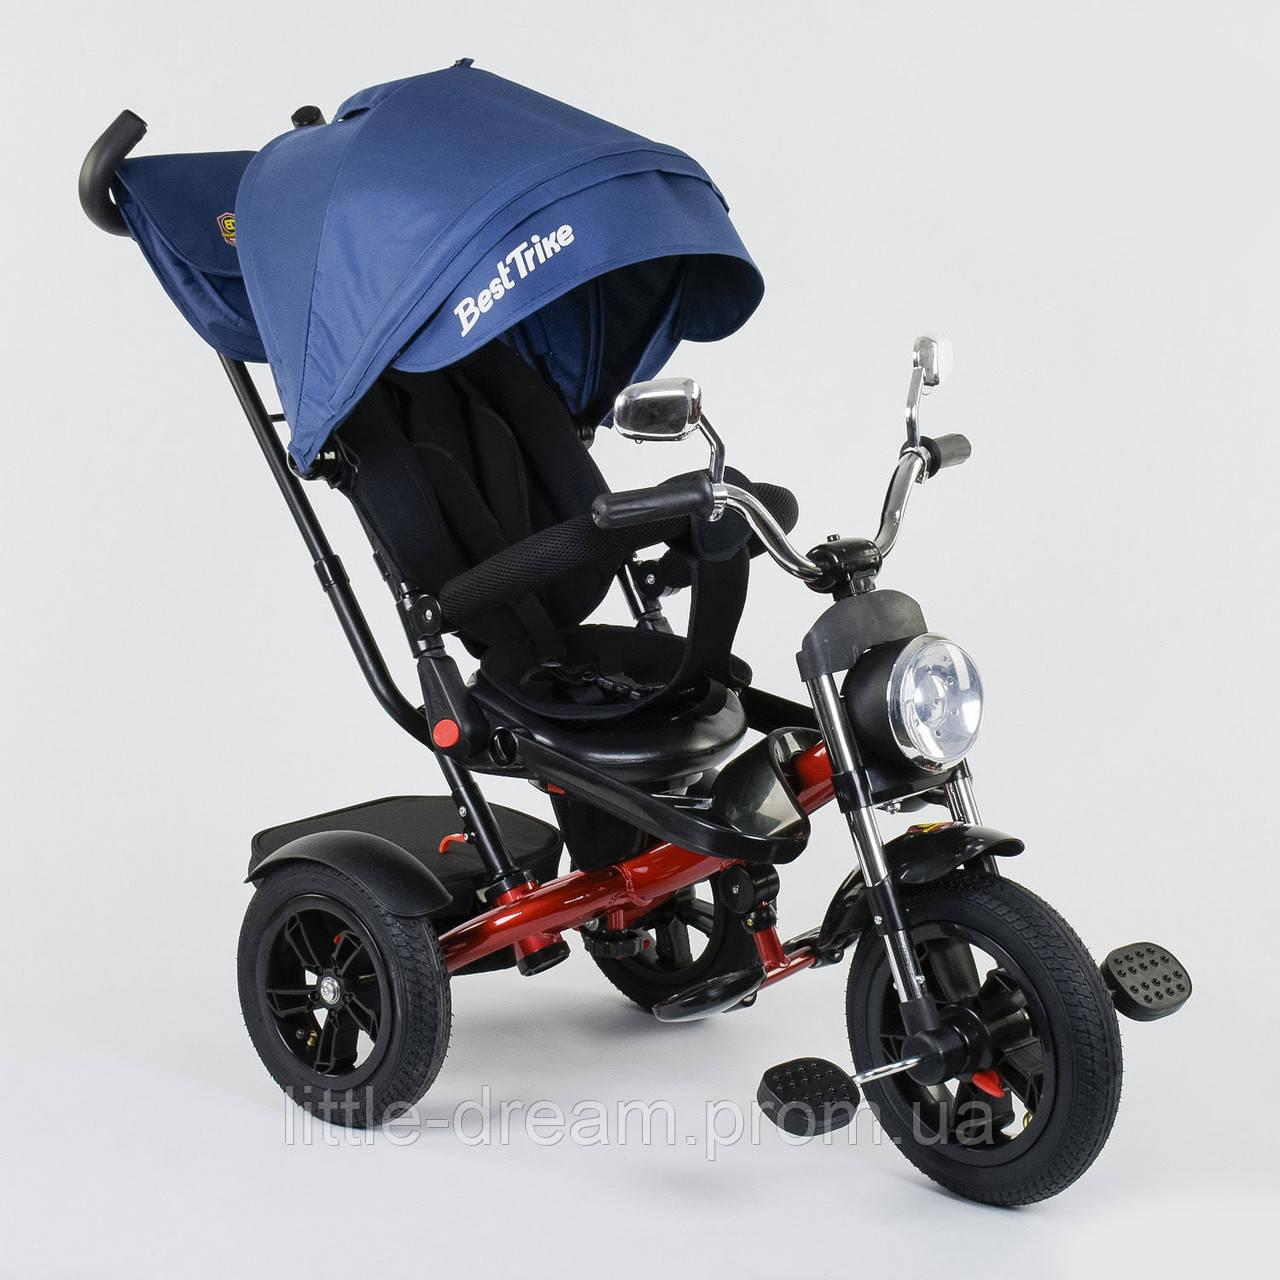 Велосипед 3-х колёсный Best Trike 4490 - 9037, поворотное сиденье, складной руль, русское озвучивание, надувные колеса, пульт включения звука и света